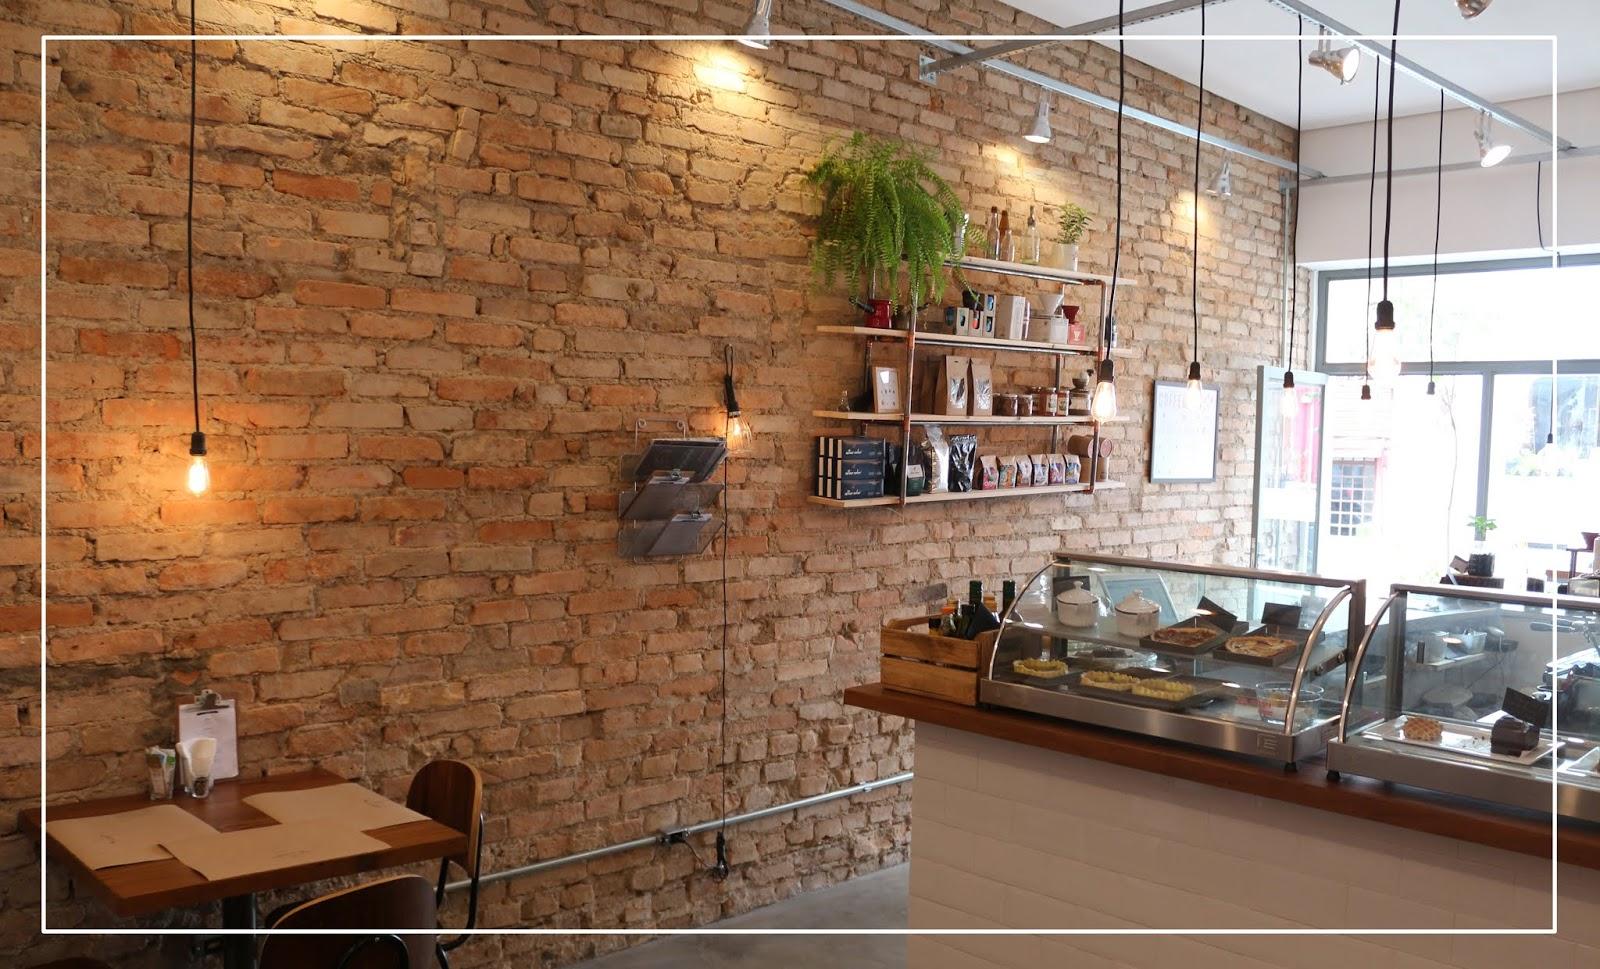 Café Torra Clara